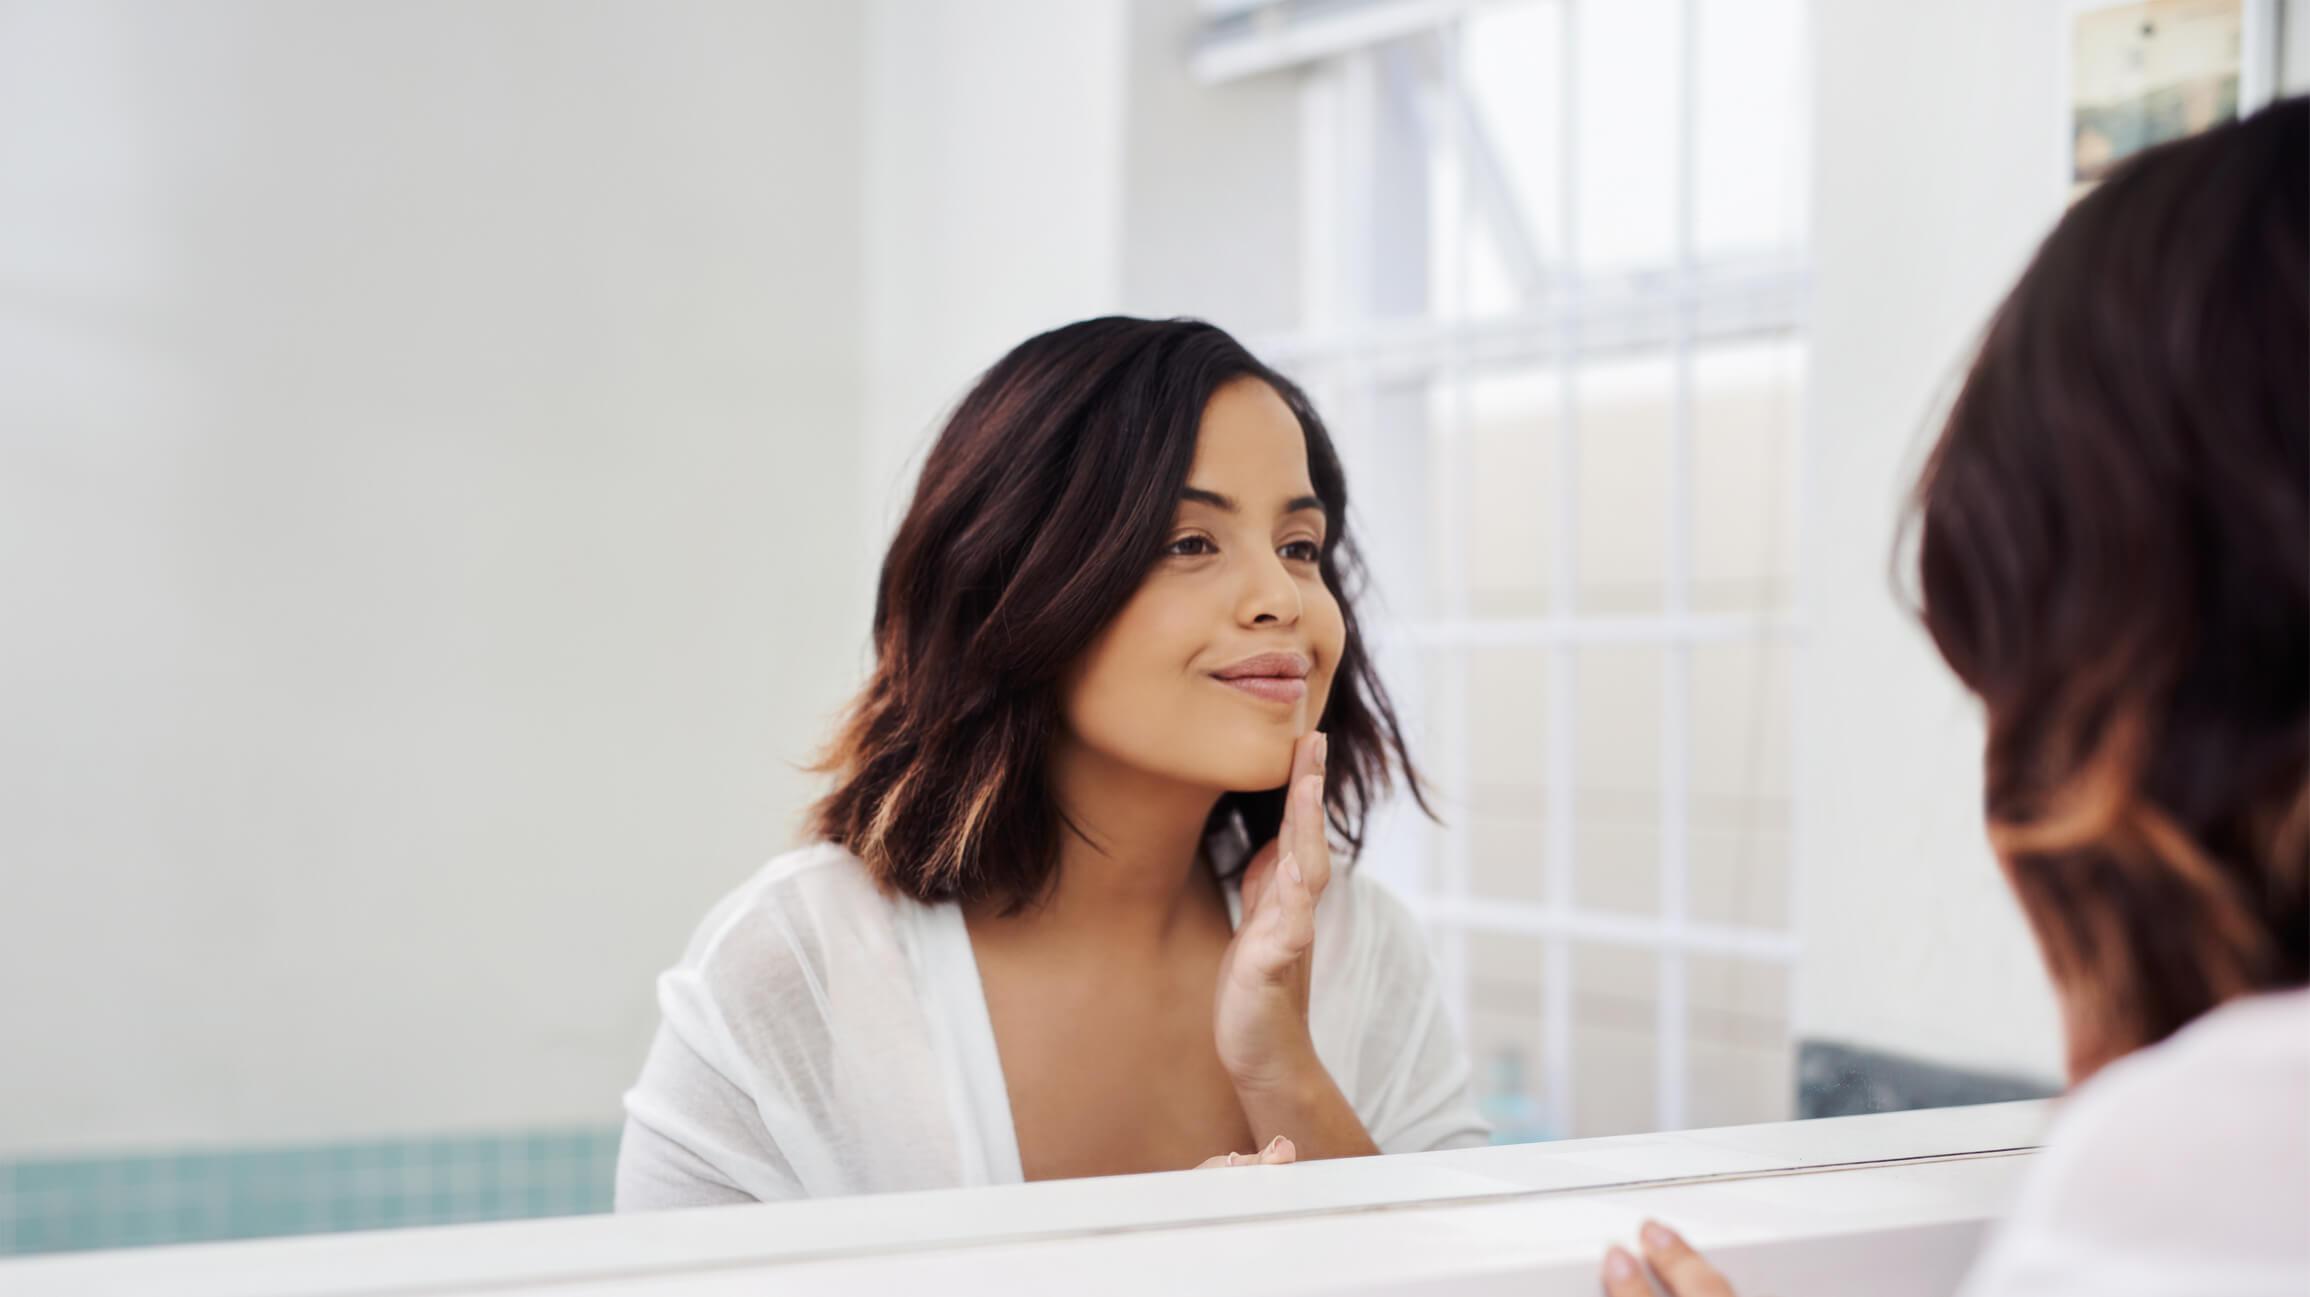 Você sabe quais são os 4 benefícios do silicone para pele?